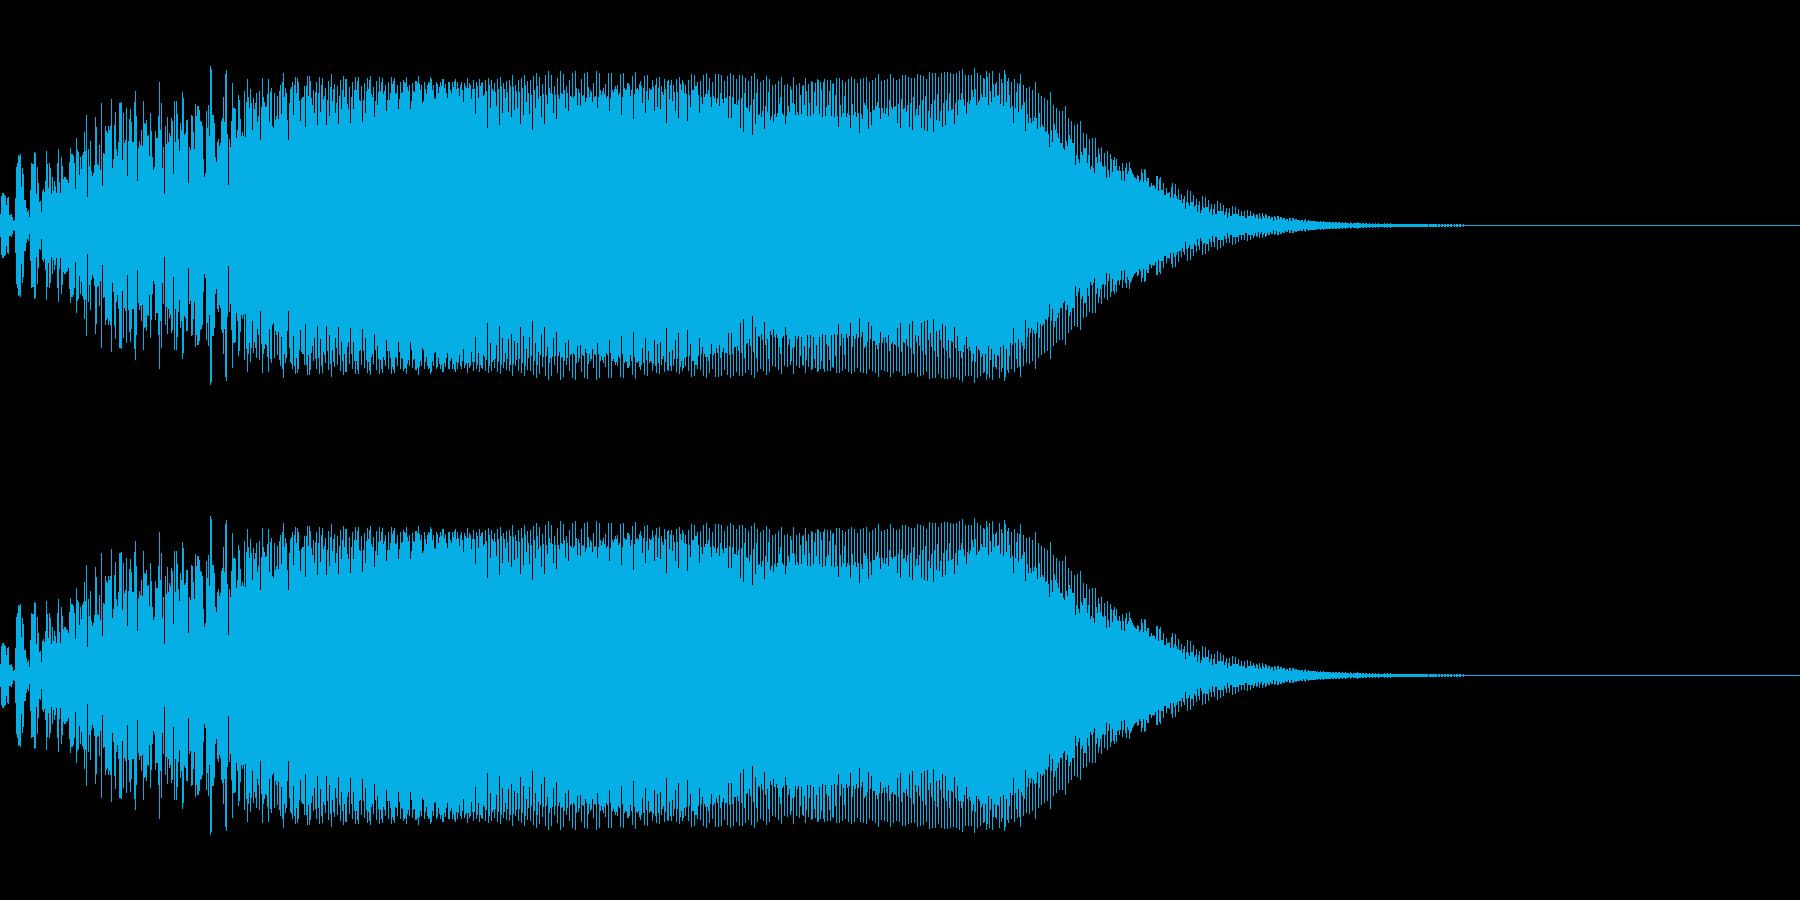 ホラー系SE(ヴァヴォーン)の再生済みの波形